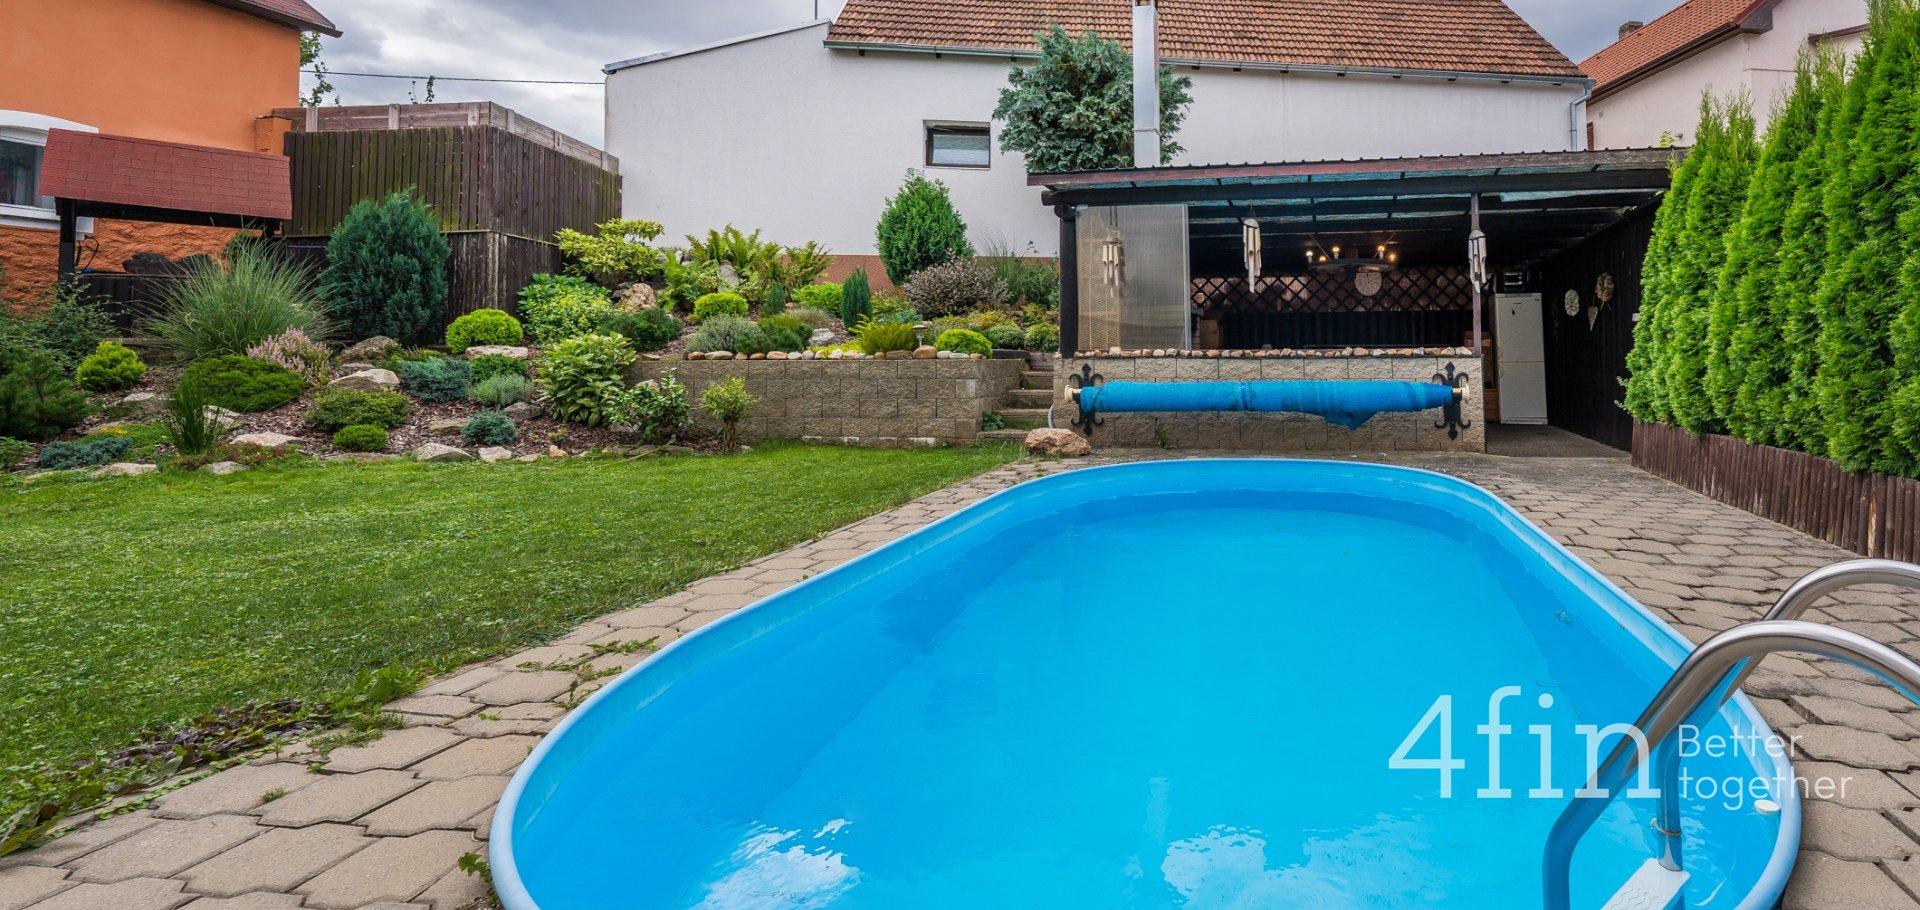 Vícegenerační dům s bazénem v Dolních Břežanech